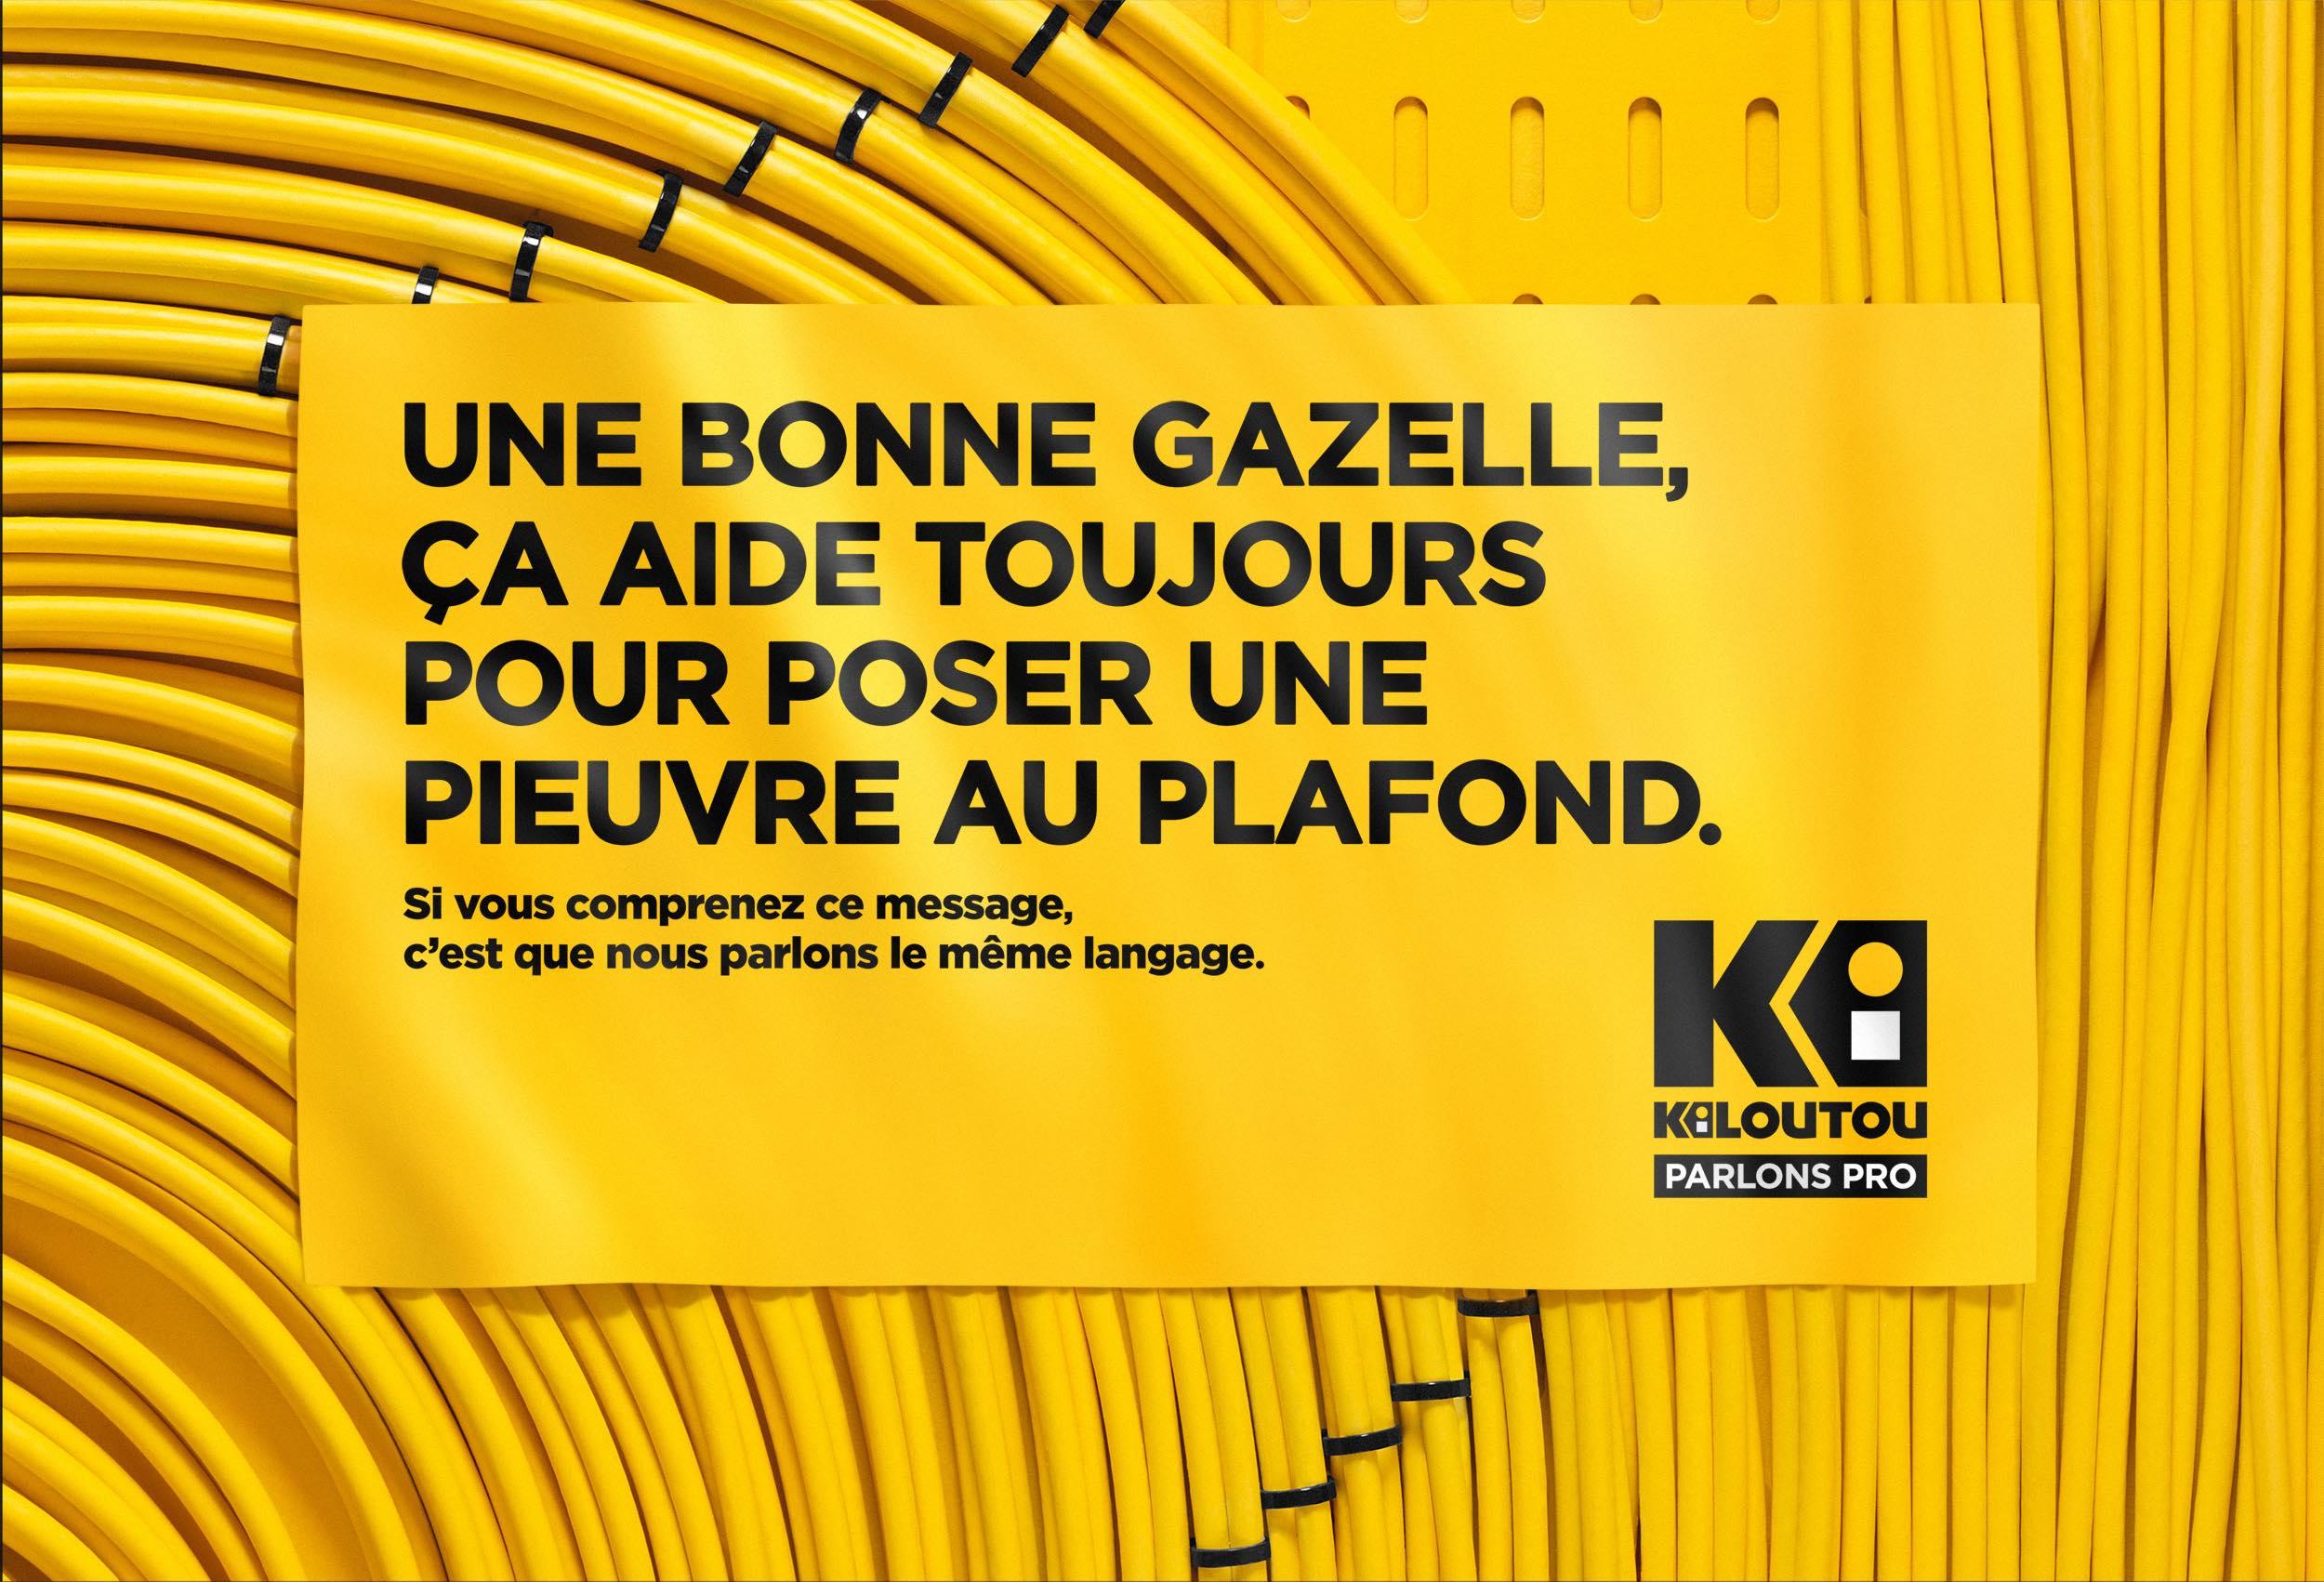 kiloutou lance la premi u00e8re campagne que personne ne comprend